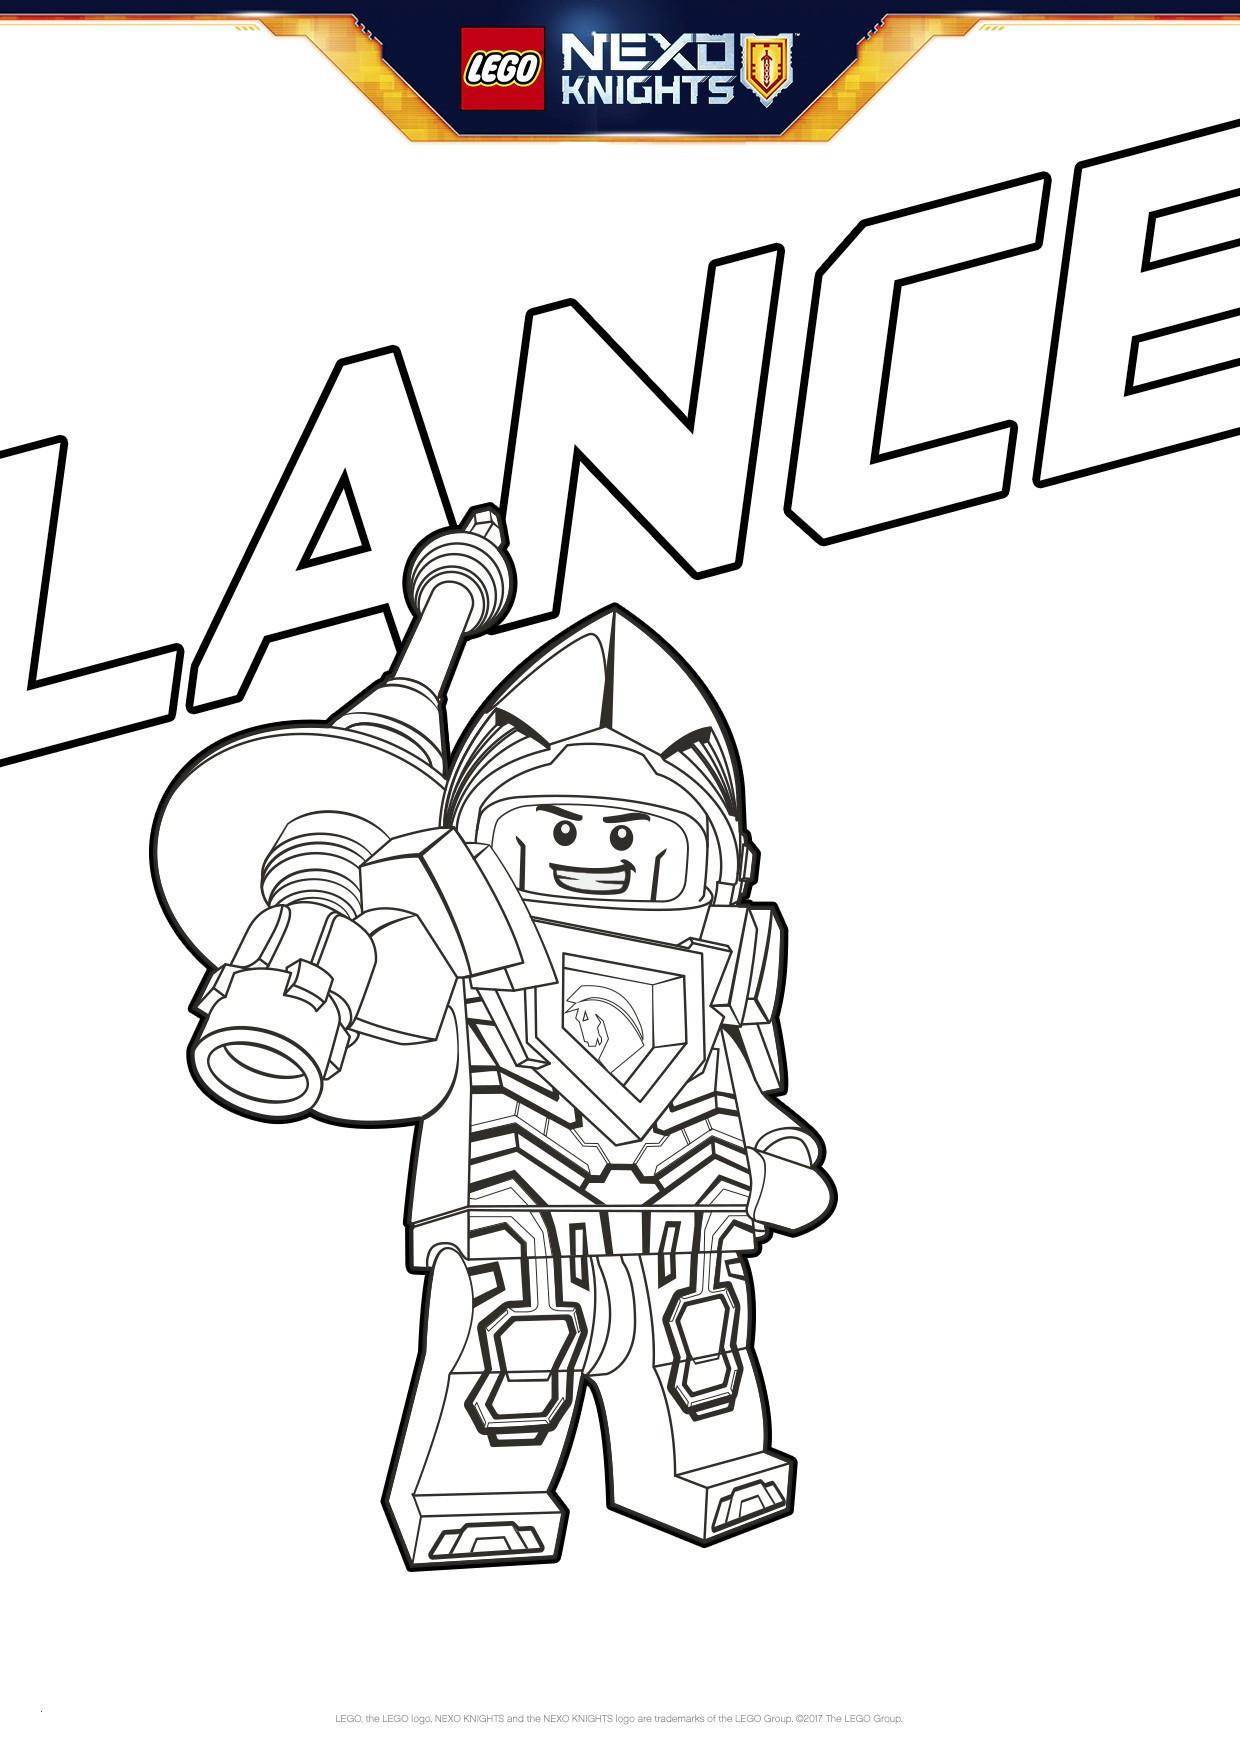 Ausmalbilder Lego Batman Genial 32 Malvorlagen Lego Nexo Knights forstergallery Bild